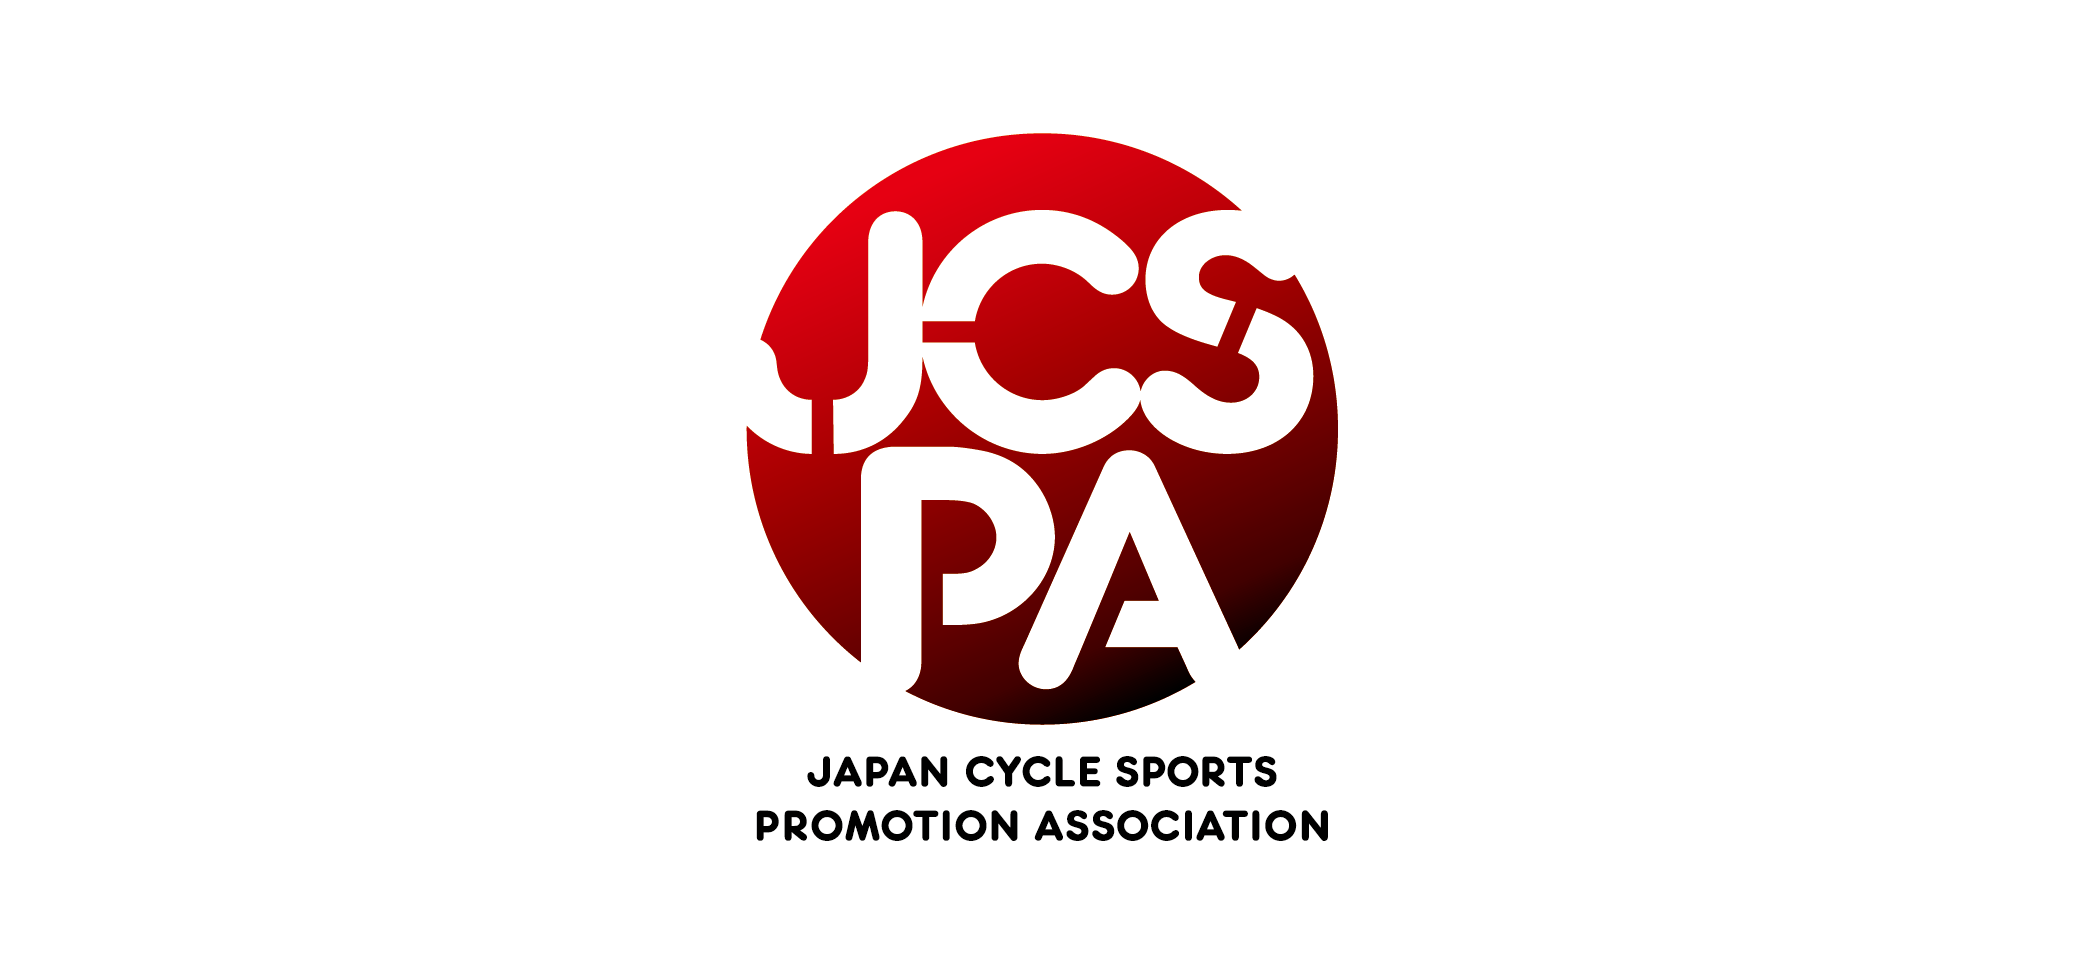 JCSPA